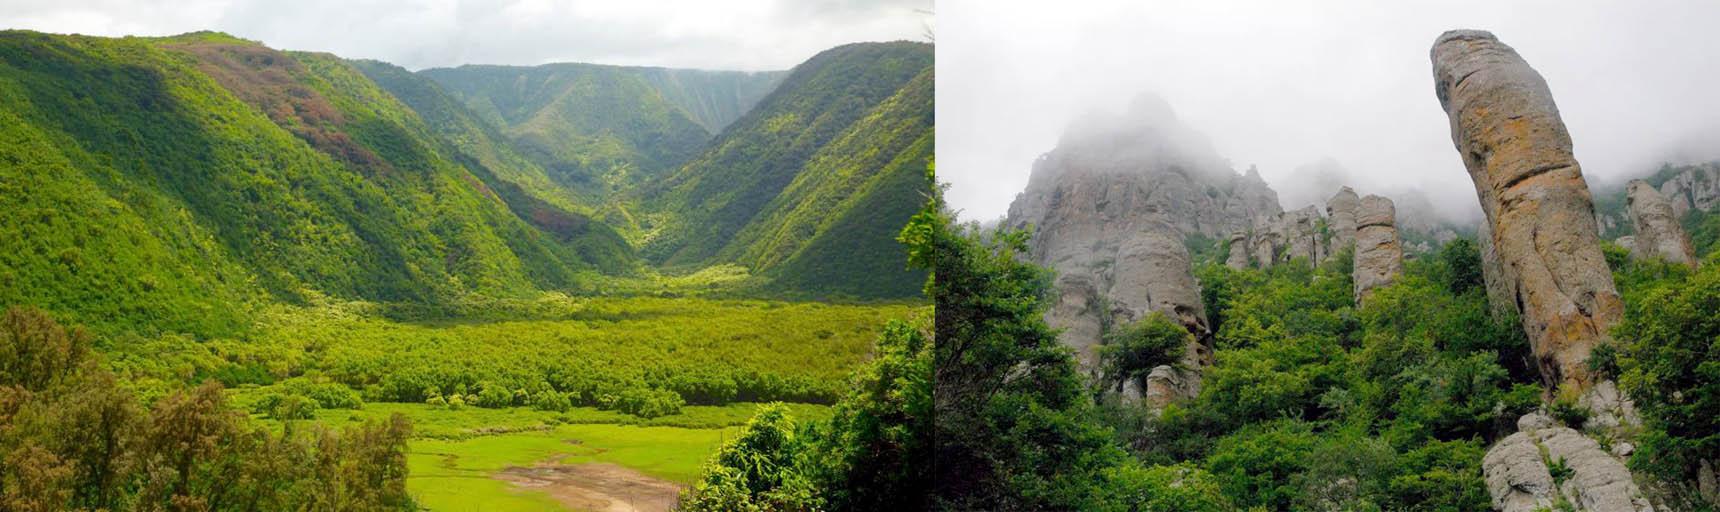 Долины как элементы рельефа местности